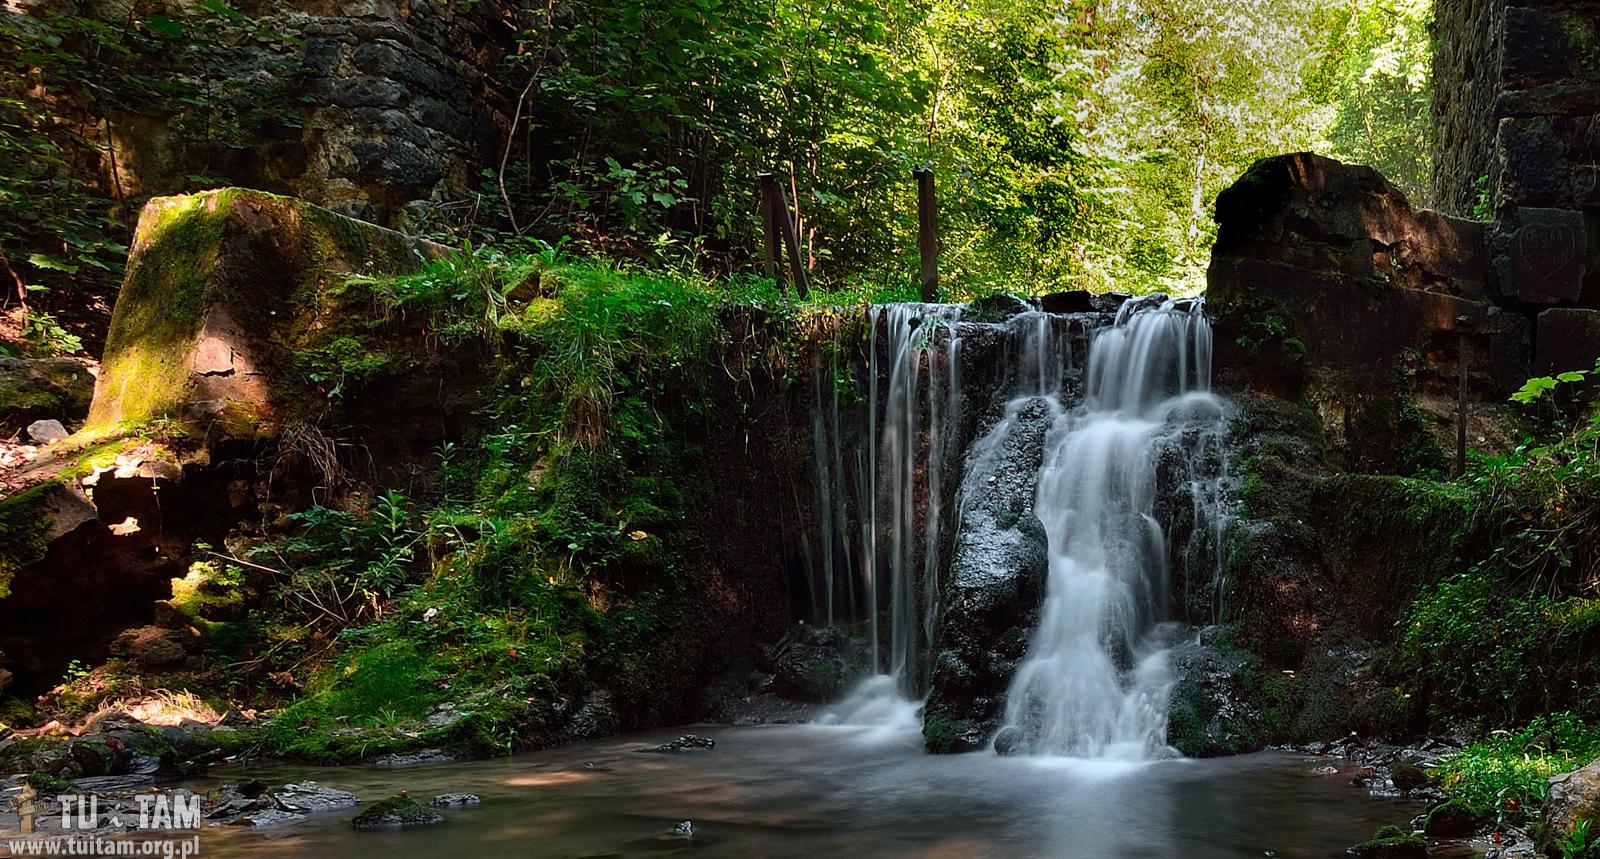 Najpiękniejsze wodospady w Polsce - Wodospad w Czernej